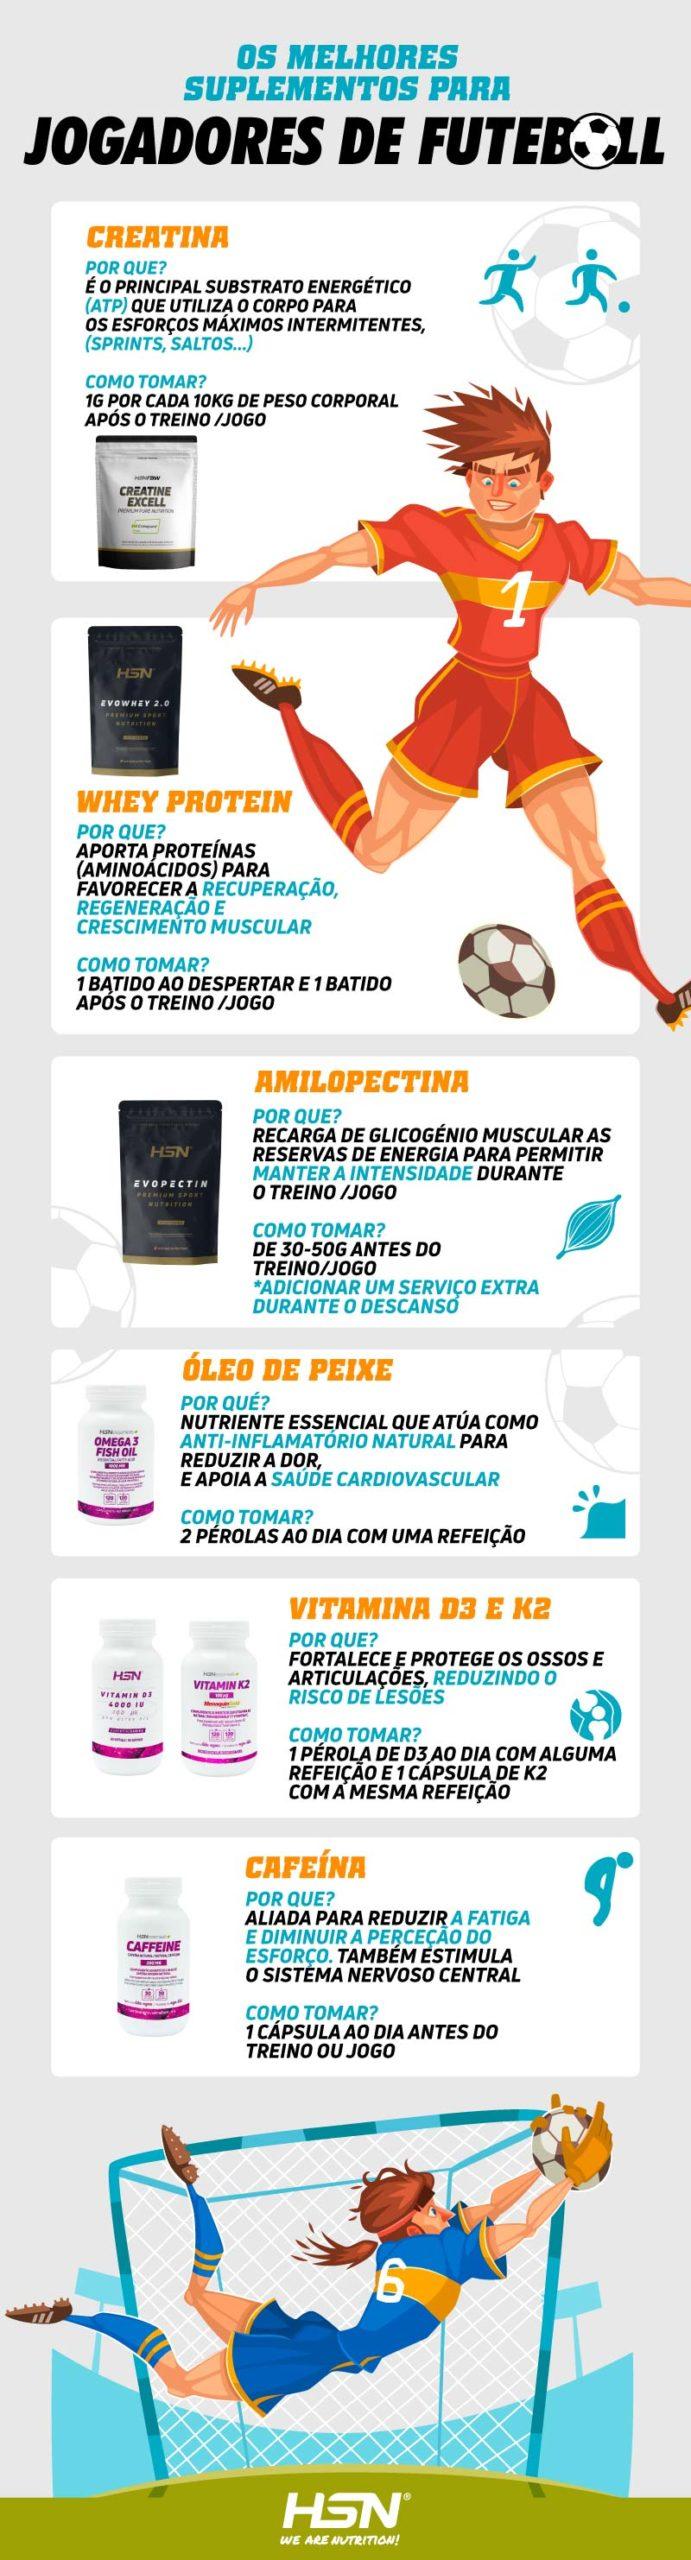 suplementos futebolistas